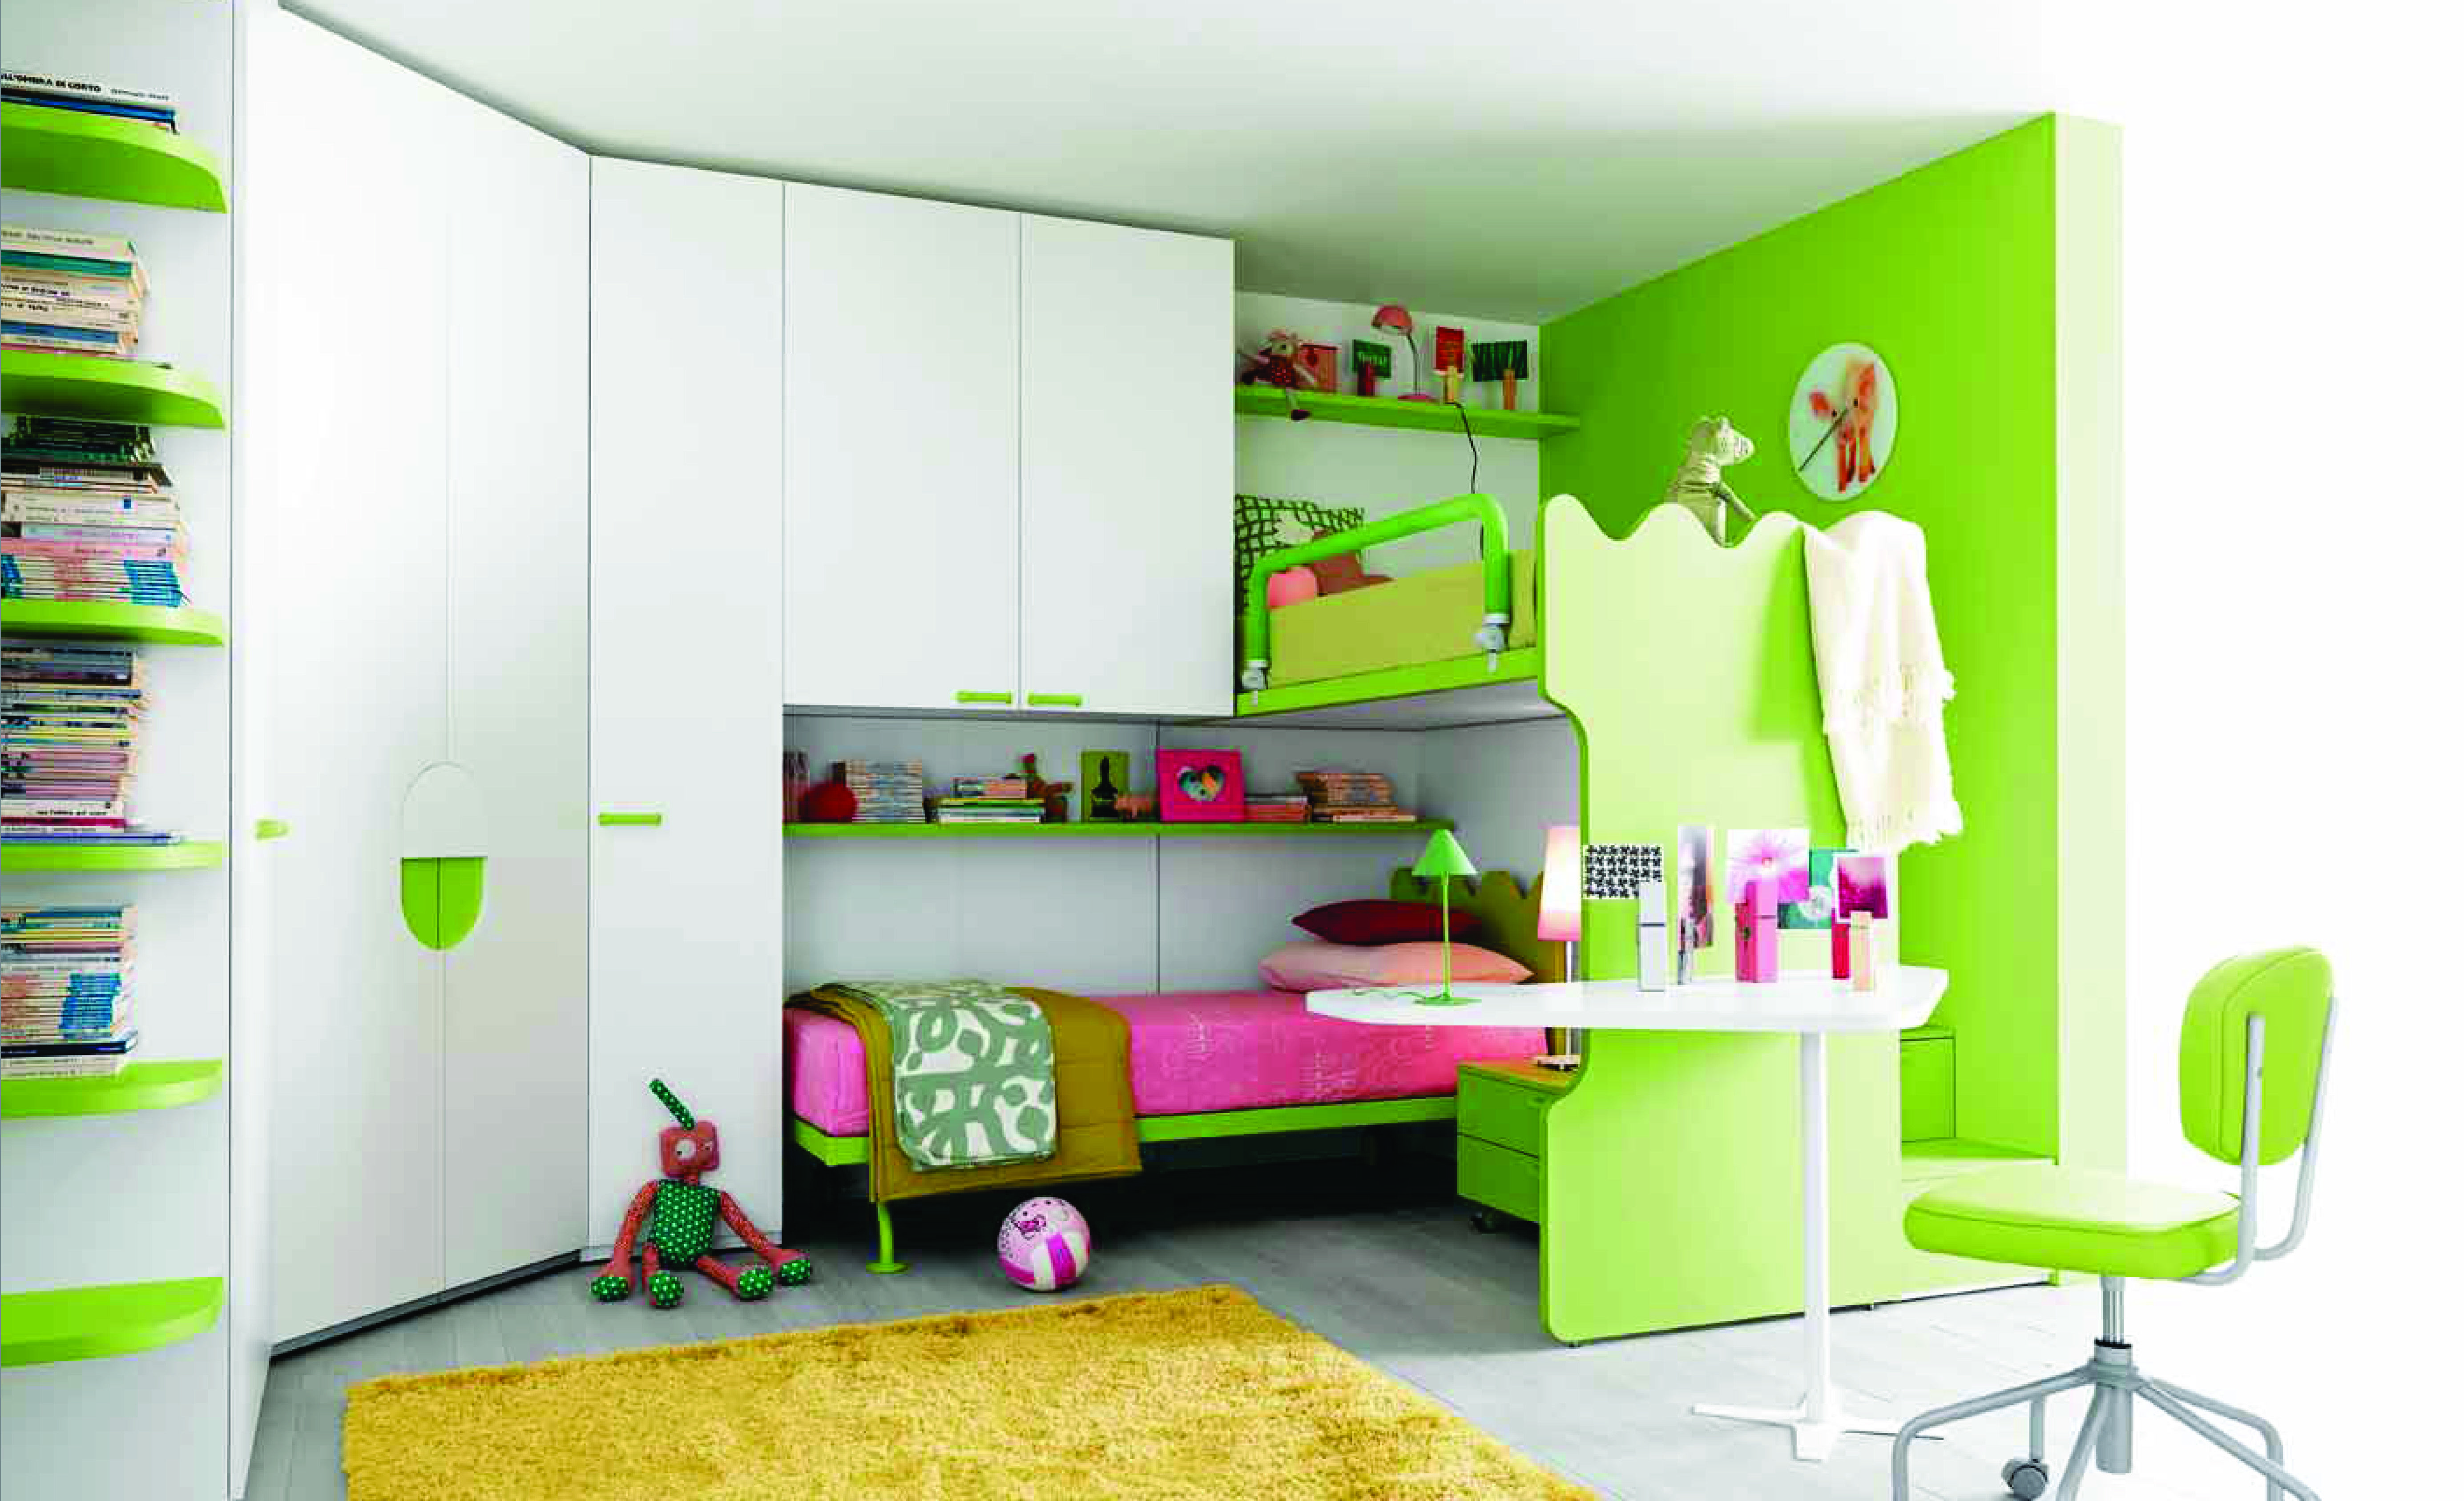 Een voorbeeld van een praktisch ingerichte kinderslaapkamer van